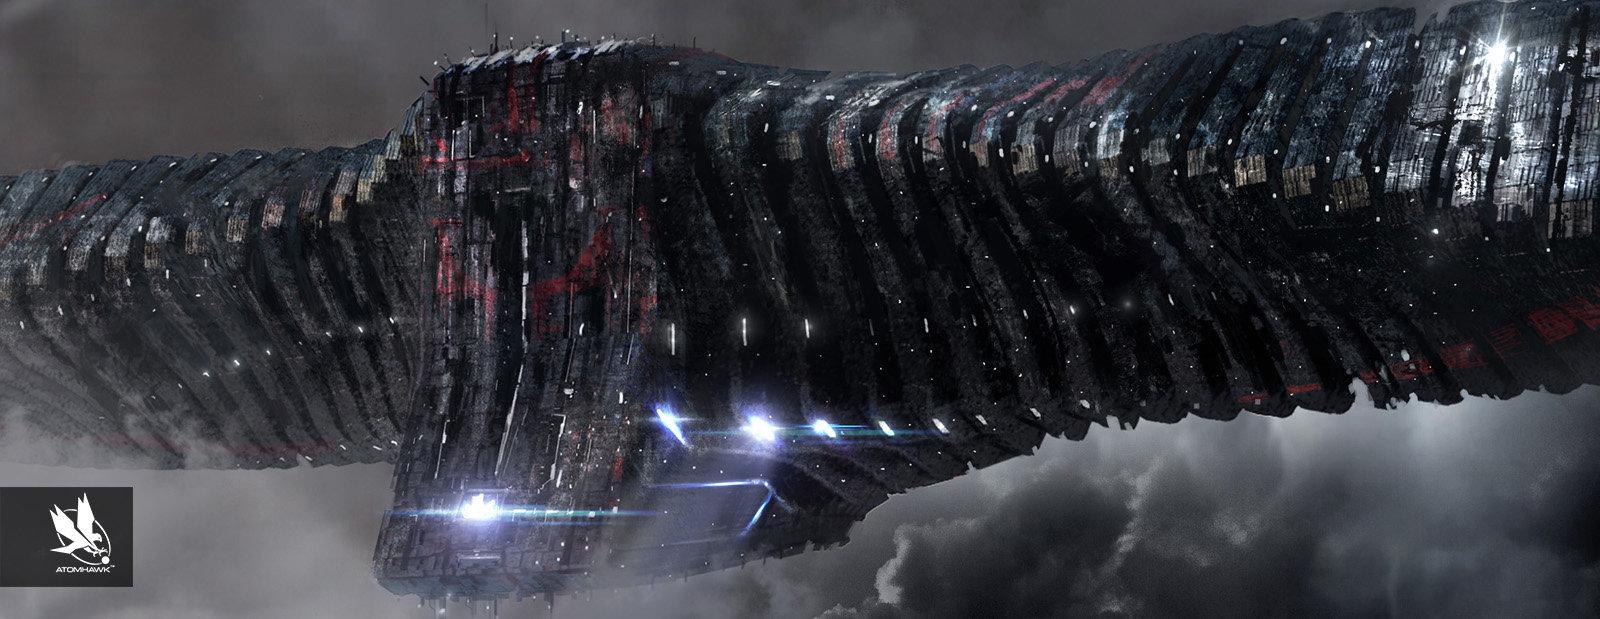 atomhawk-design-gotg-darkaster-01